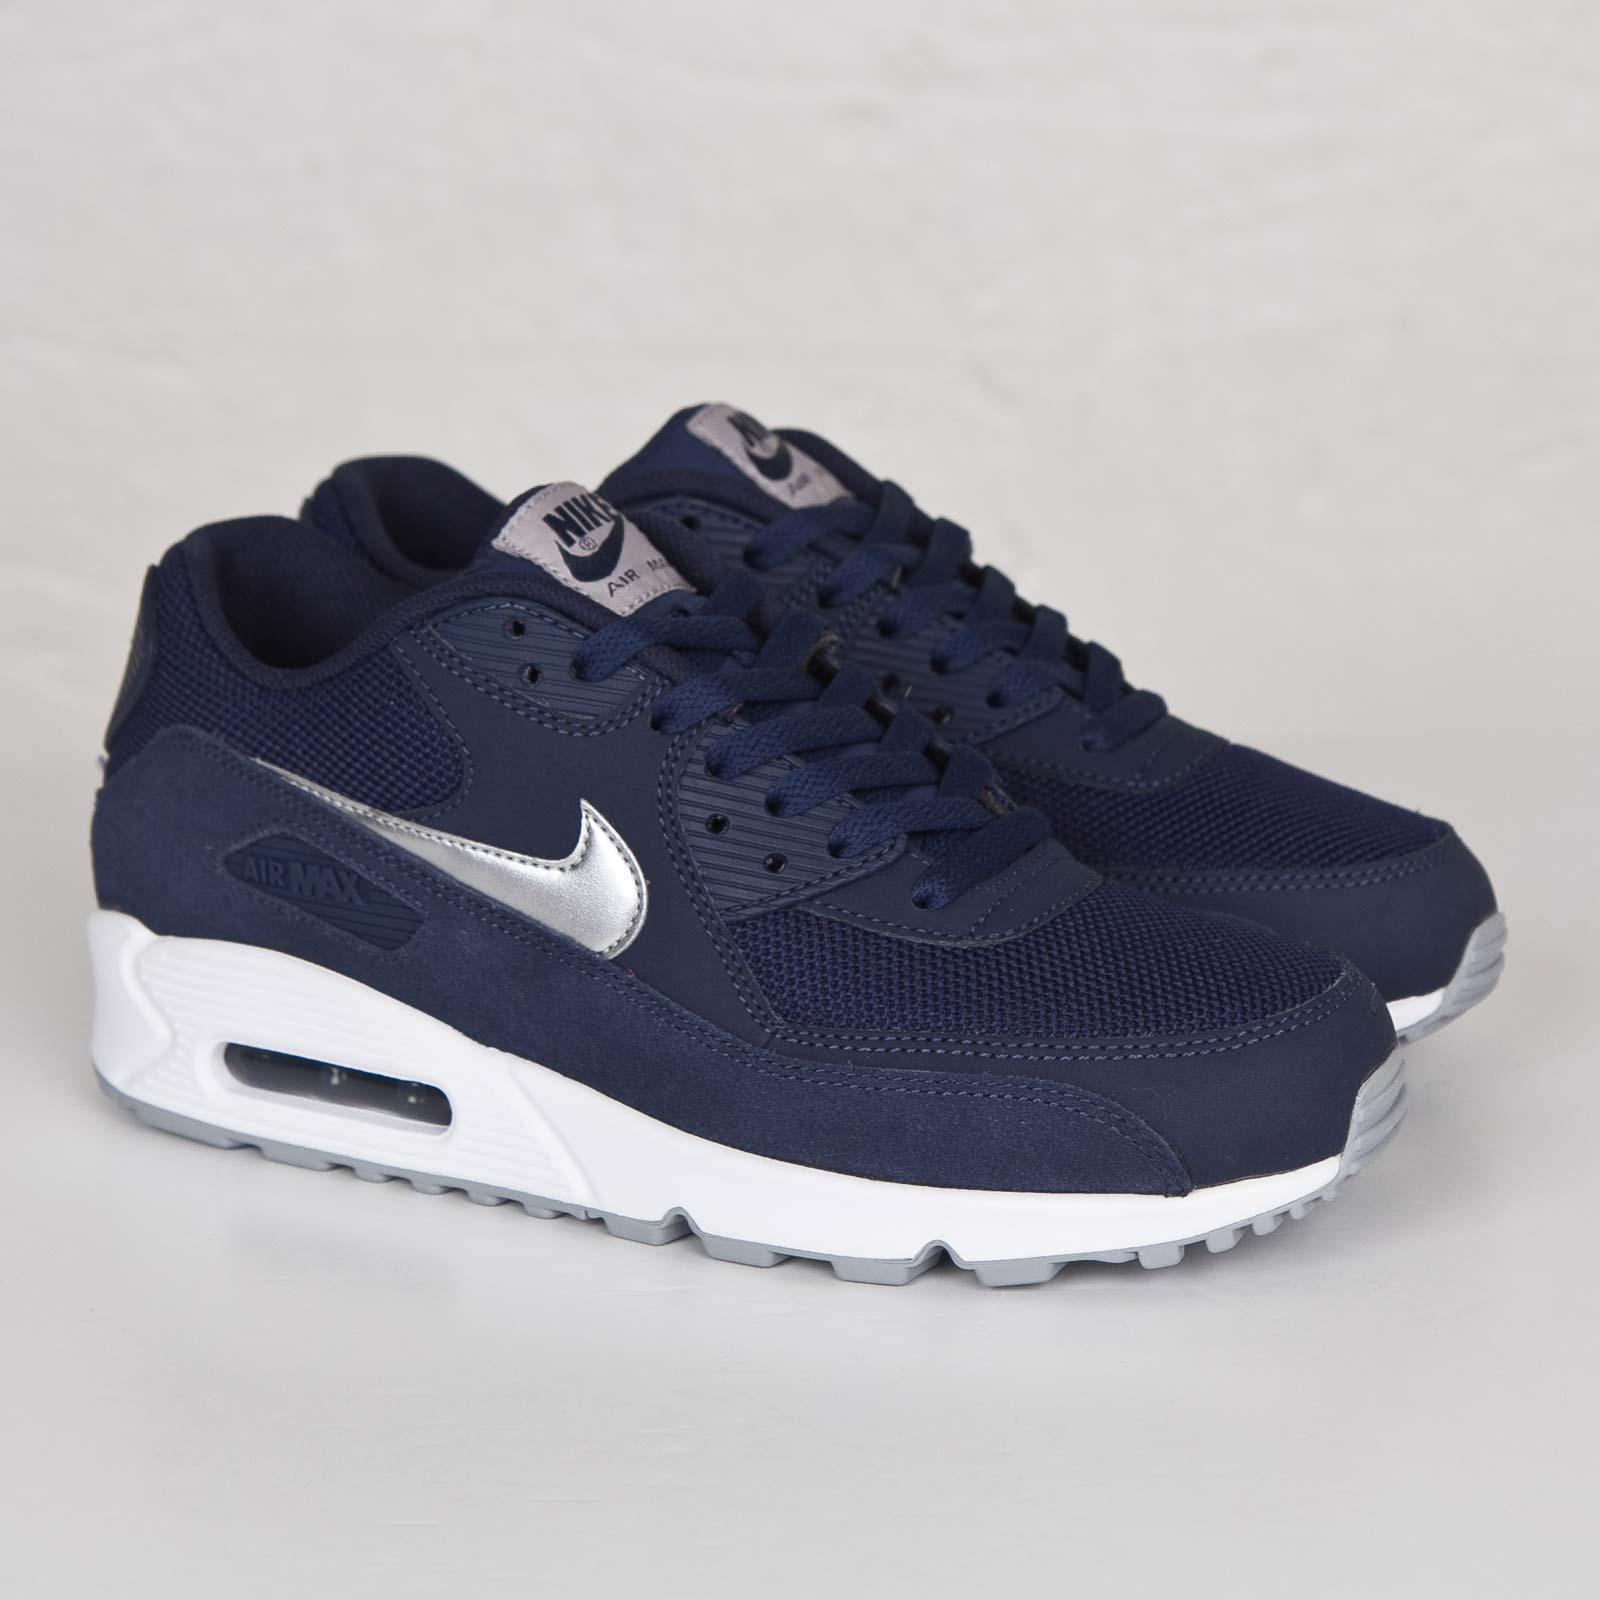 Nike Air Max 90 Essential 537384 411 Sneakersnstuff